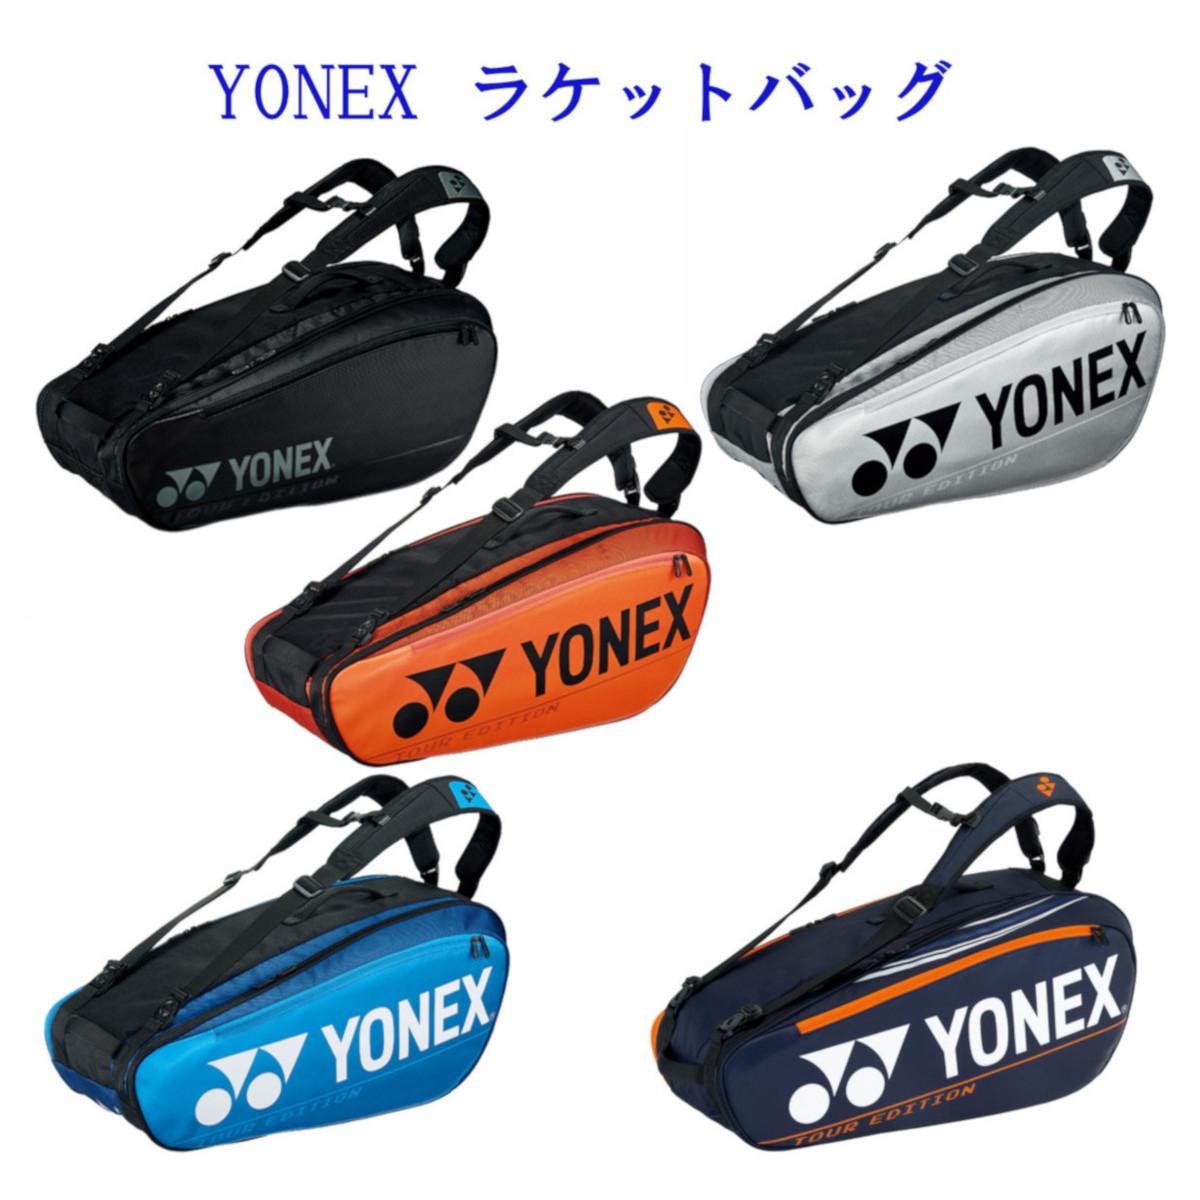 ヨネックス ラケットバッグ6<テニス6本用> BAG2002R 2019AW バドミントン テニス ソフトテニス ラケット収納 あす楽北海道